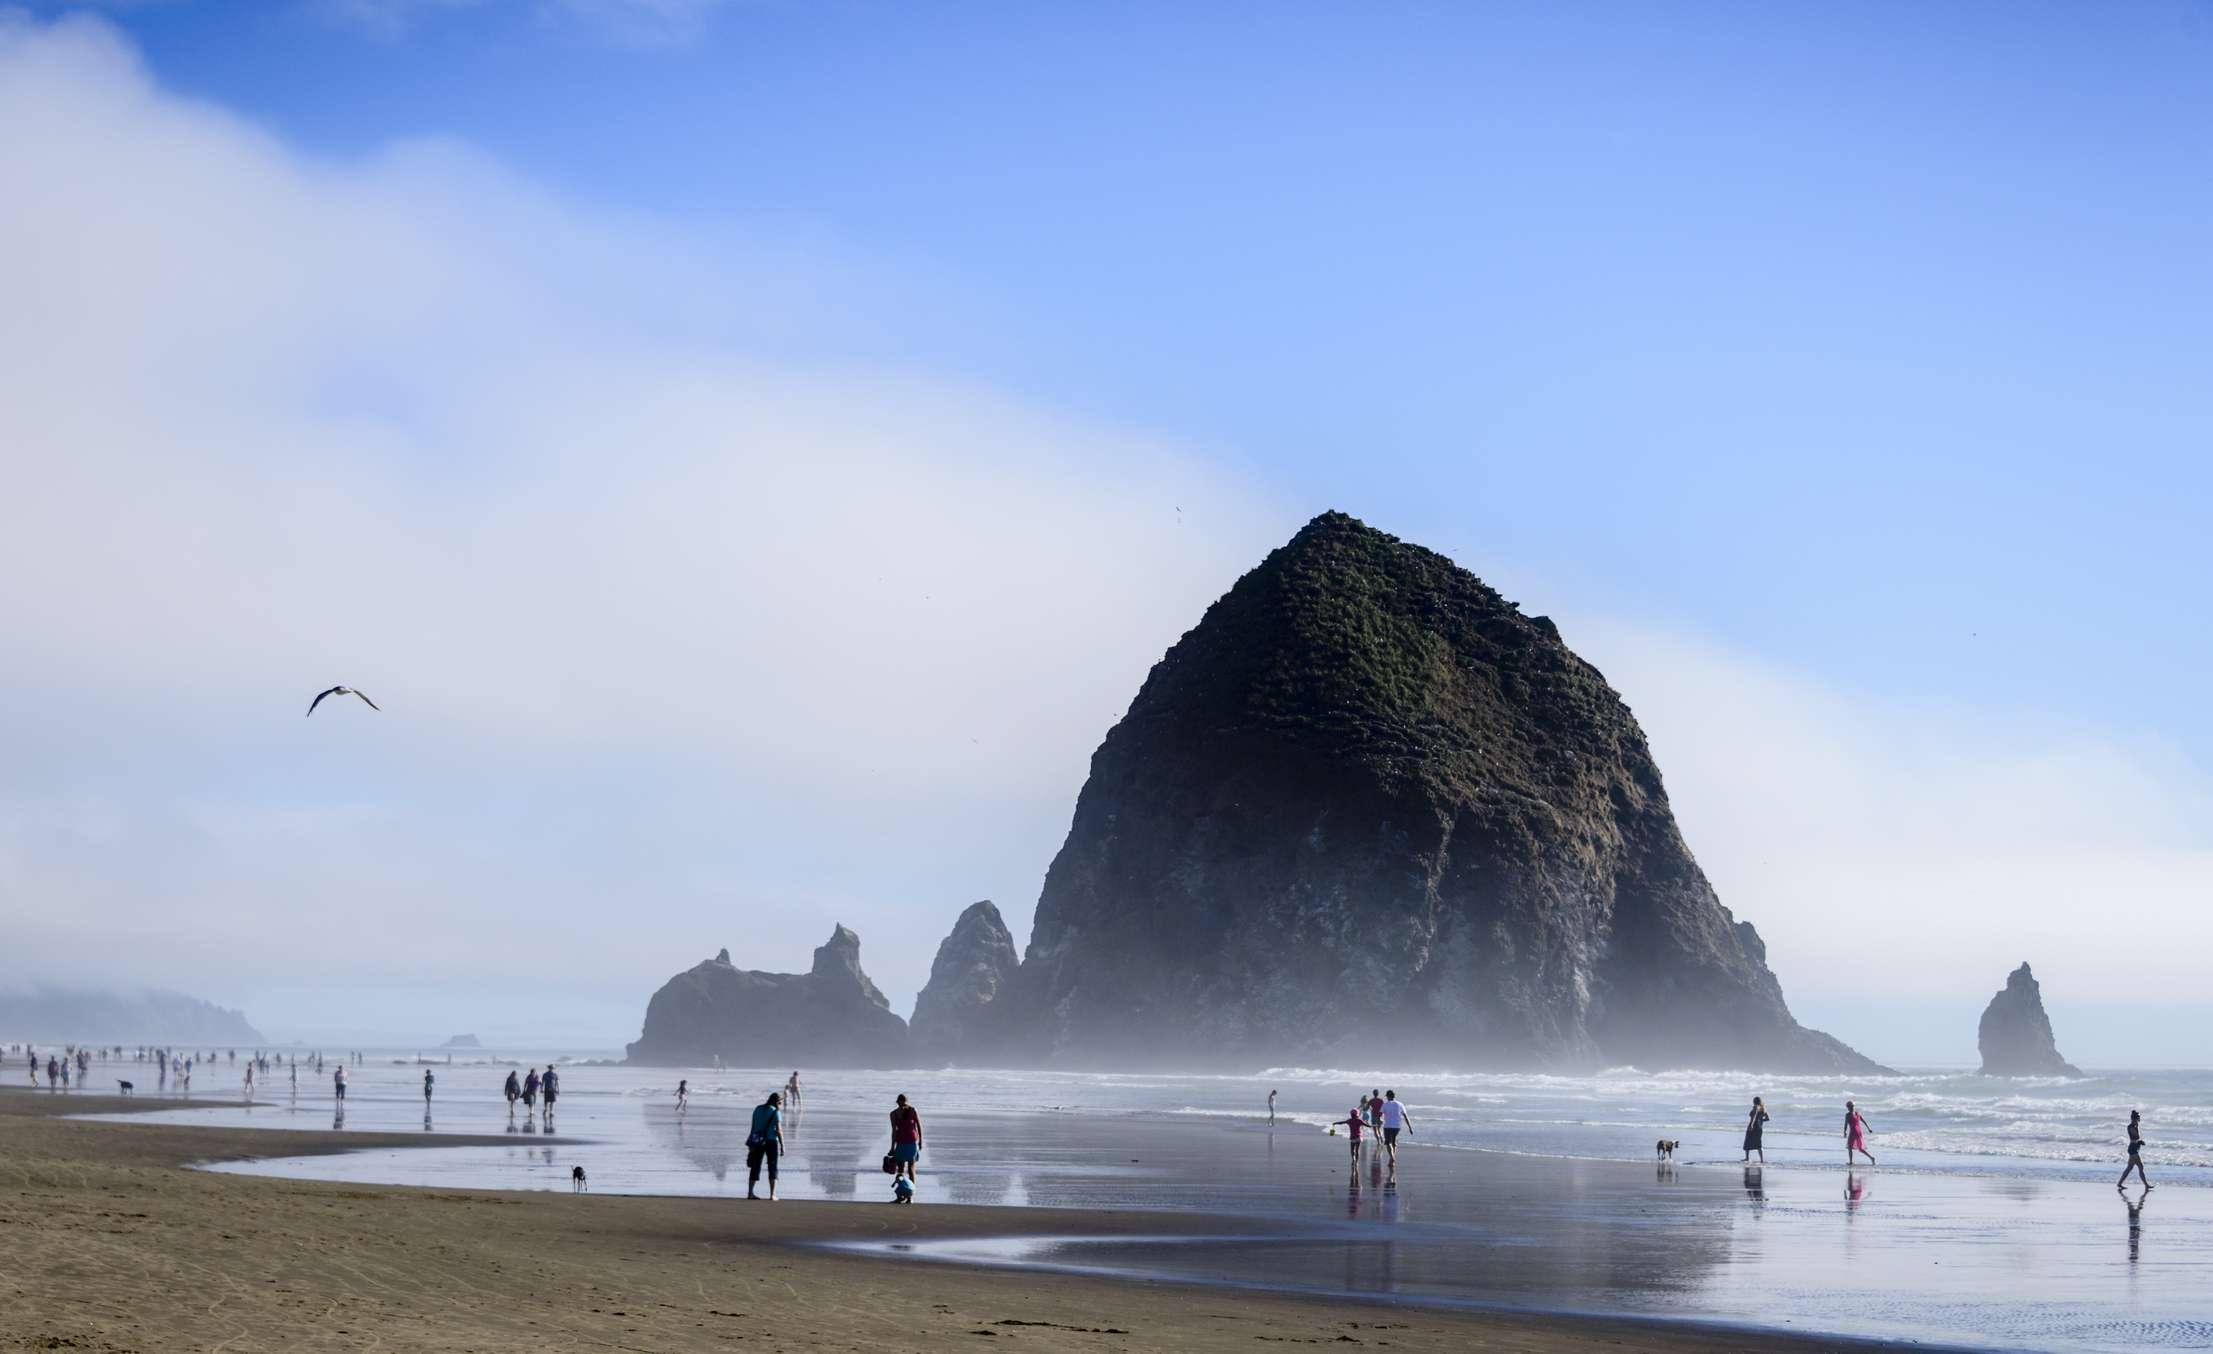 Gente disfrutando de un día en Cannon Beach, Oregon. La formación conocida como Haystack Rock se puede ver en el fondo